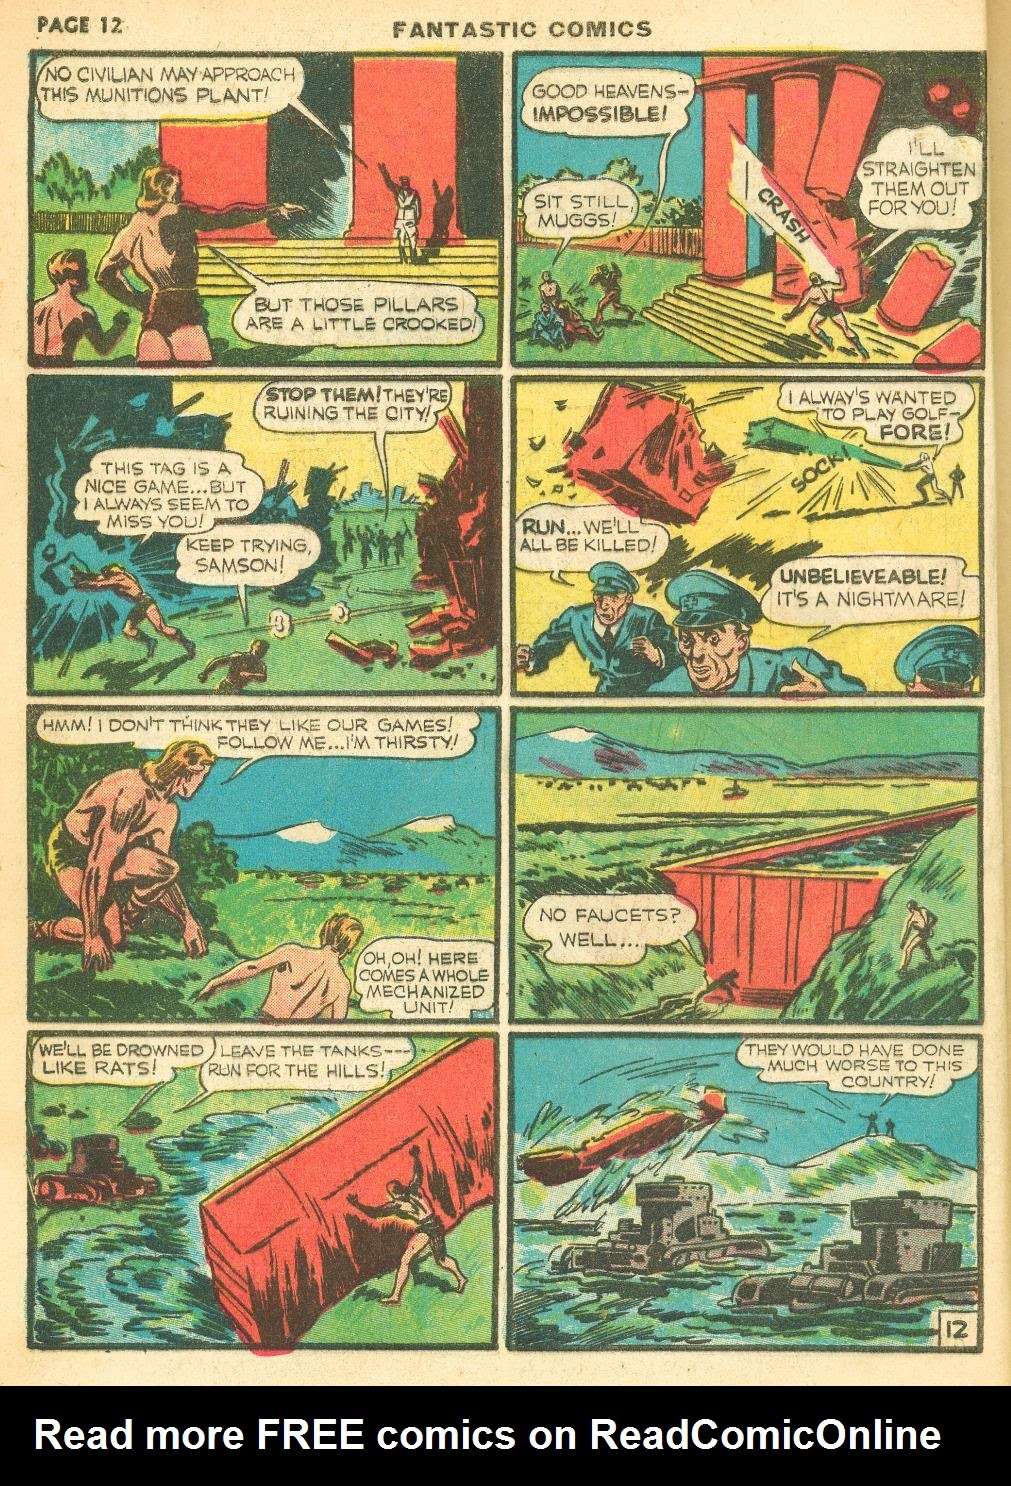 Read online Fantastic Comics comic -  Issue #12 - 14